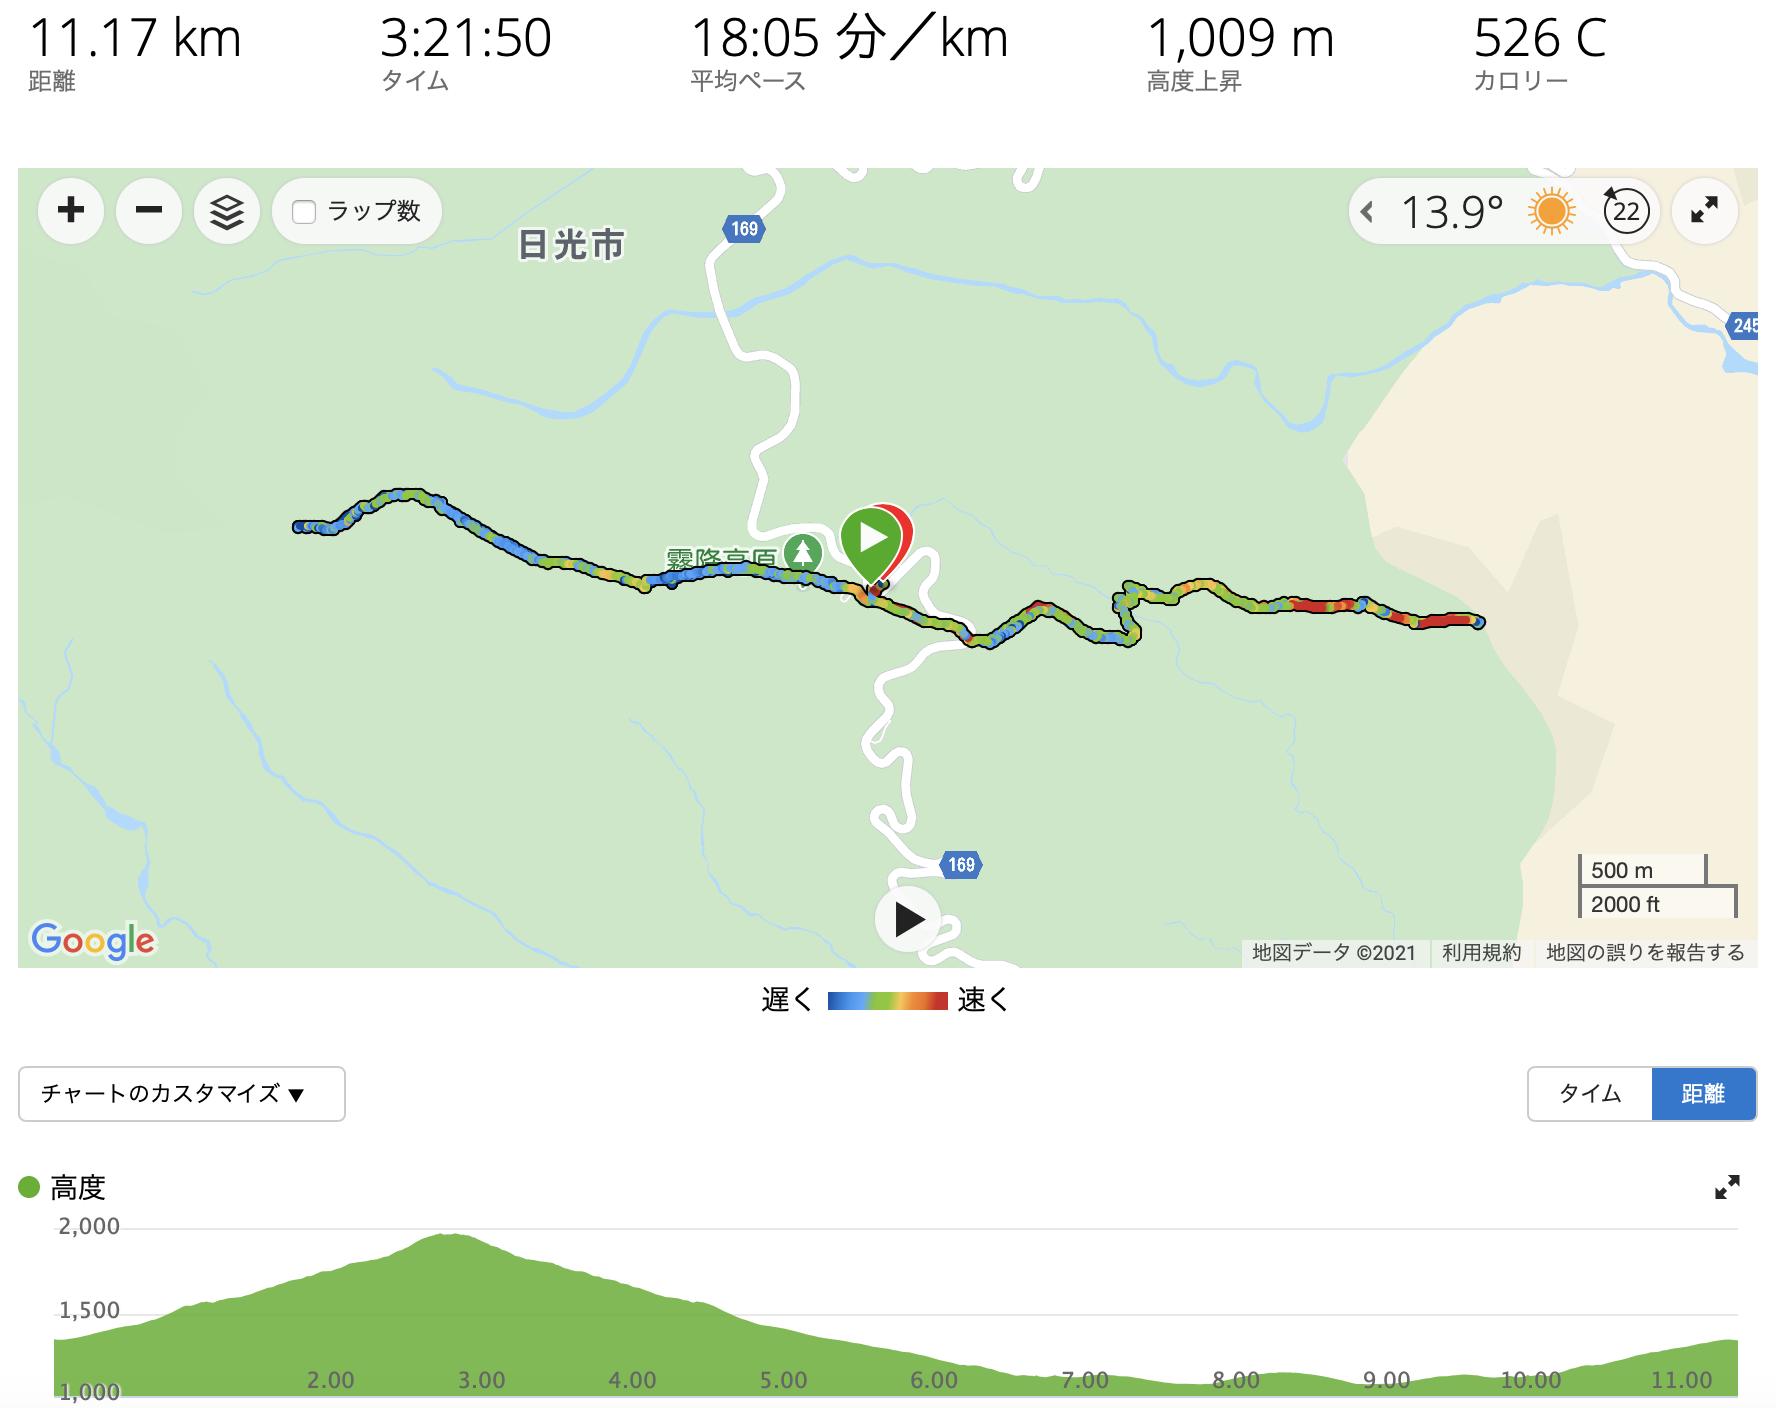 赤薙山,大山